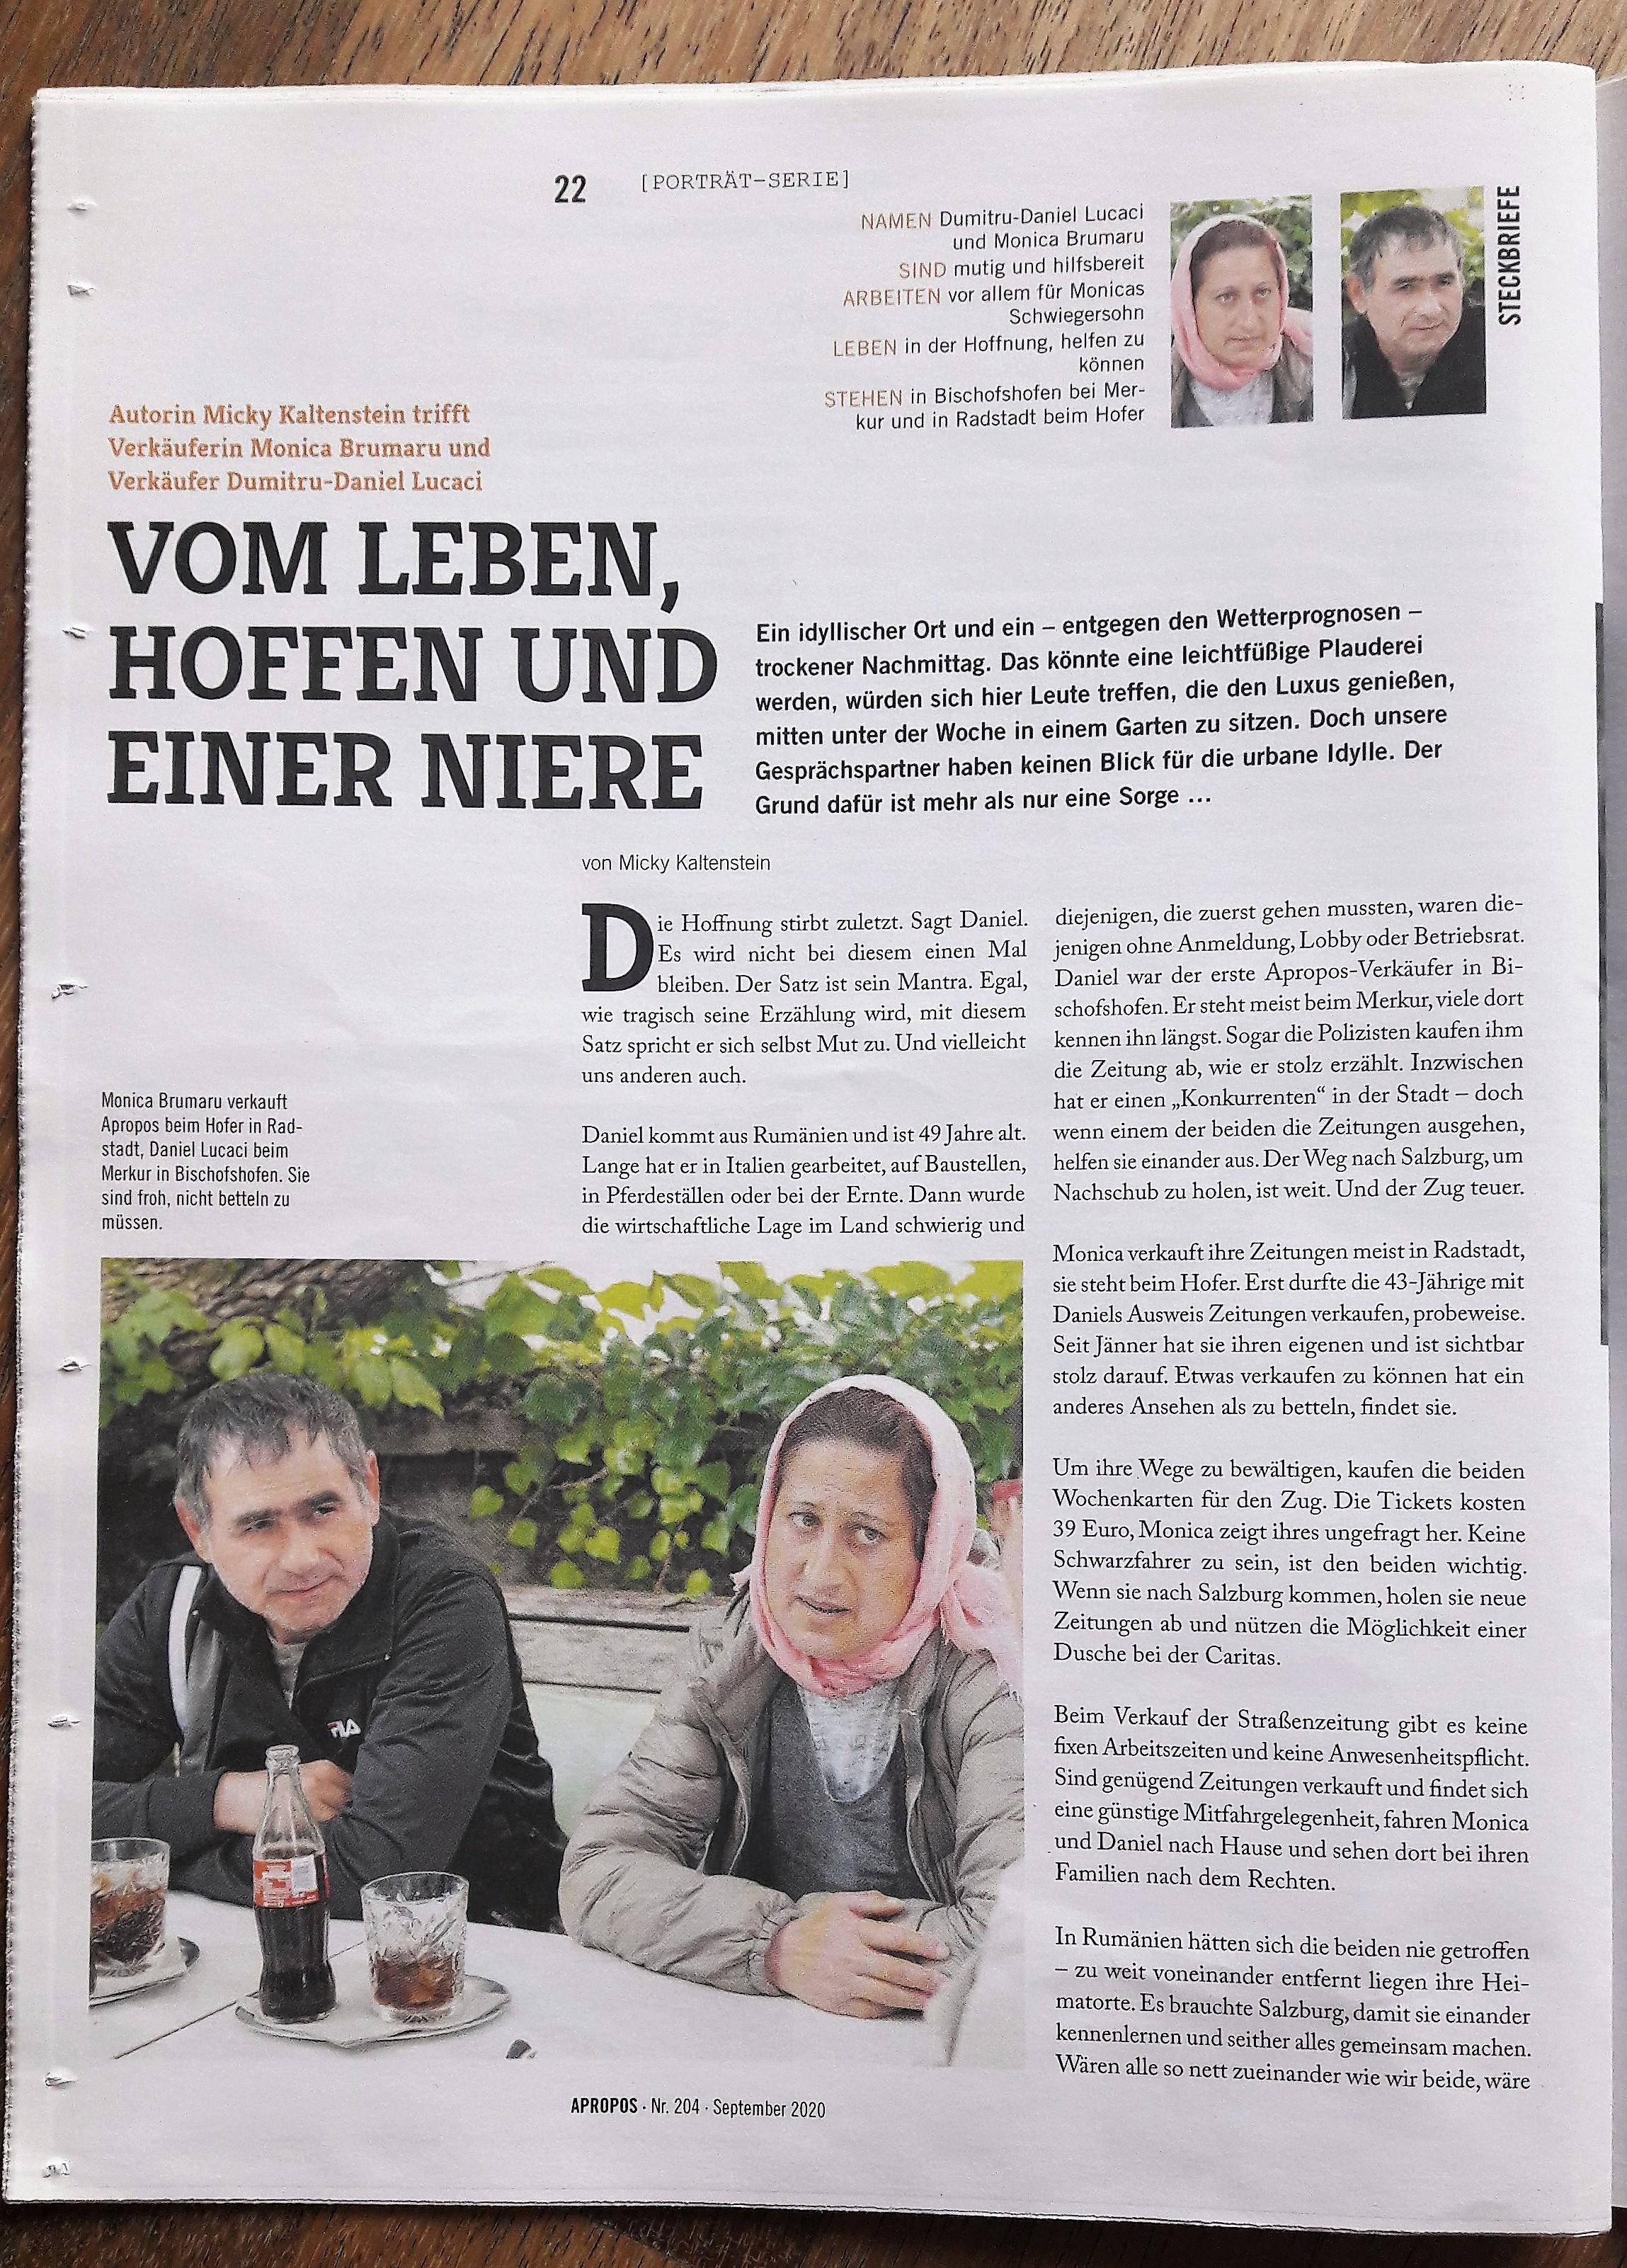 Vom Leben_Hoffen_Niere_Apropos 092020_m kaltenstein_S1